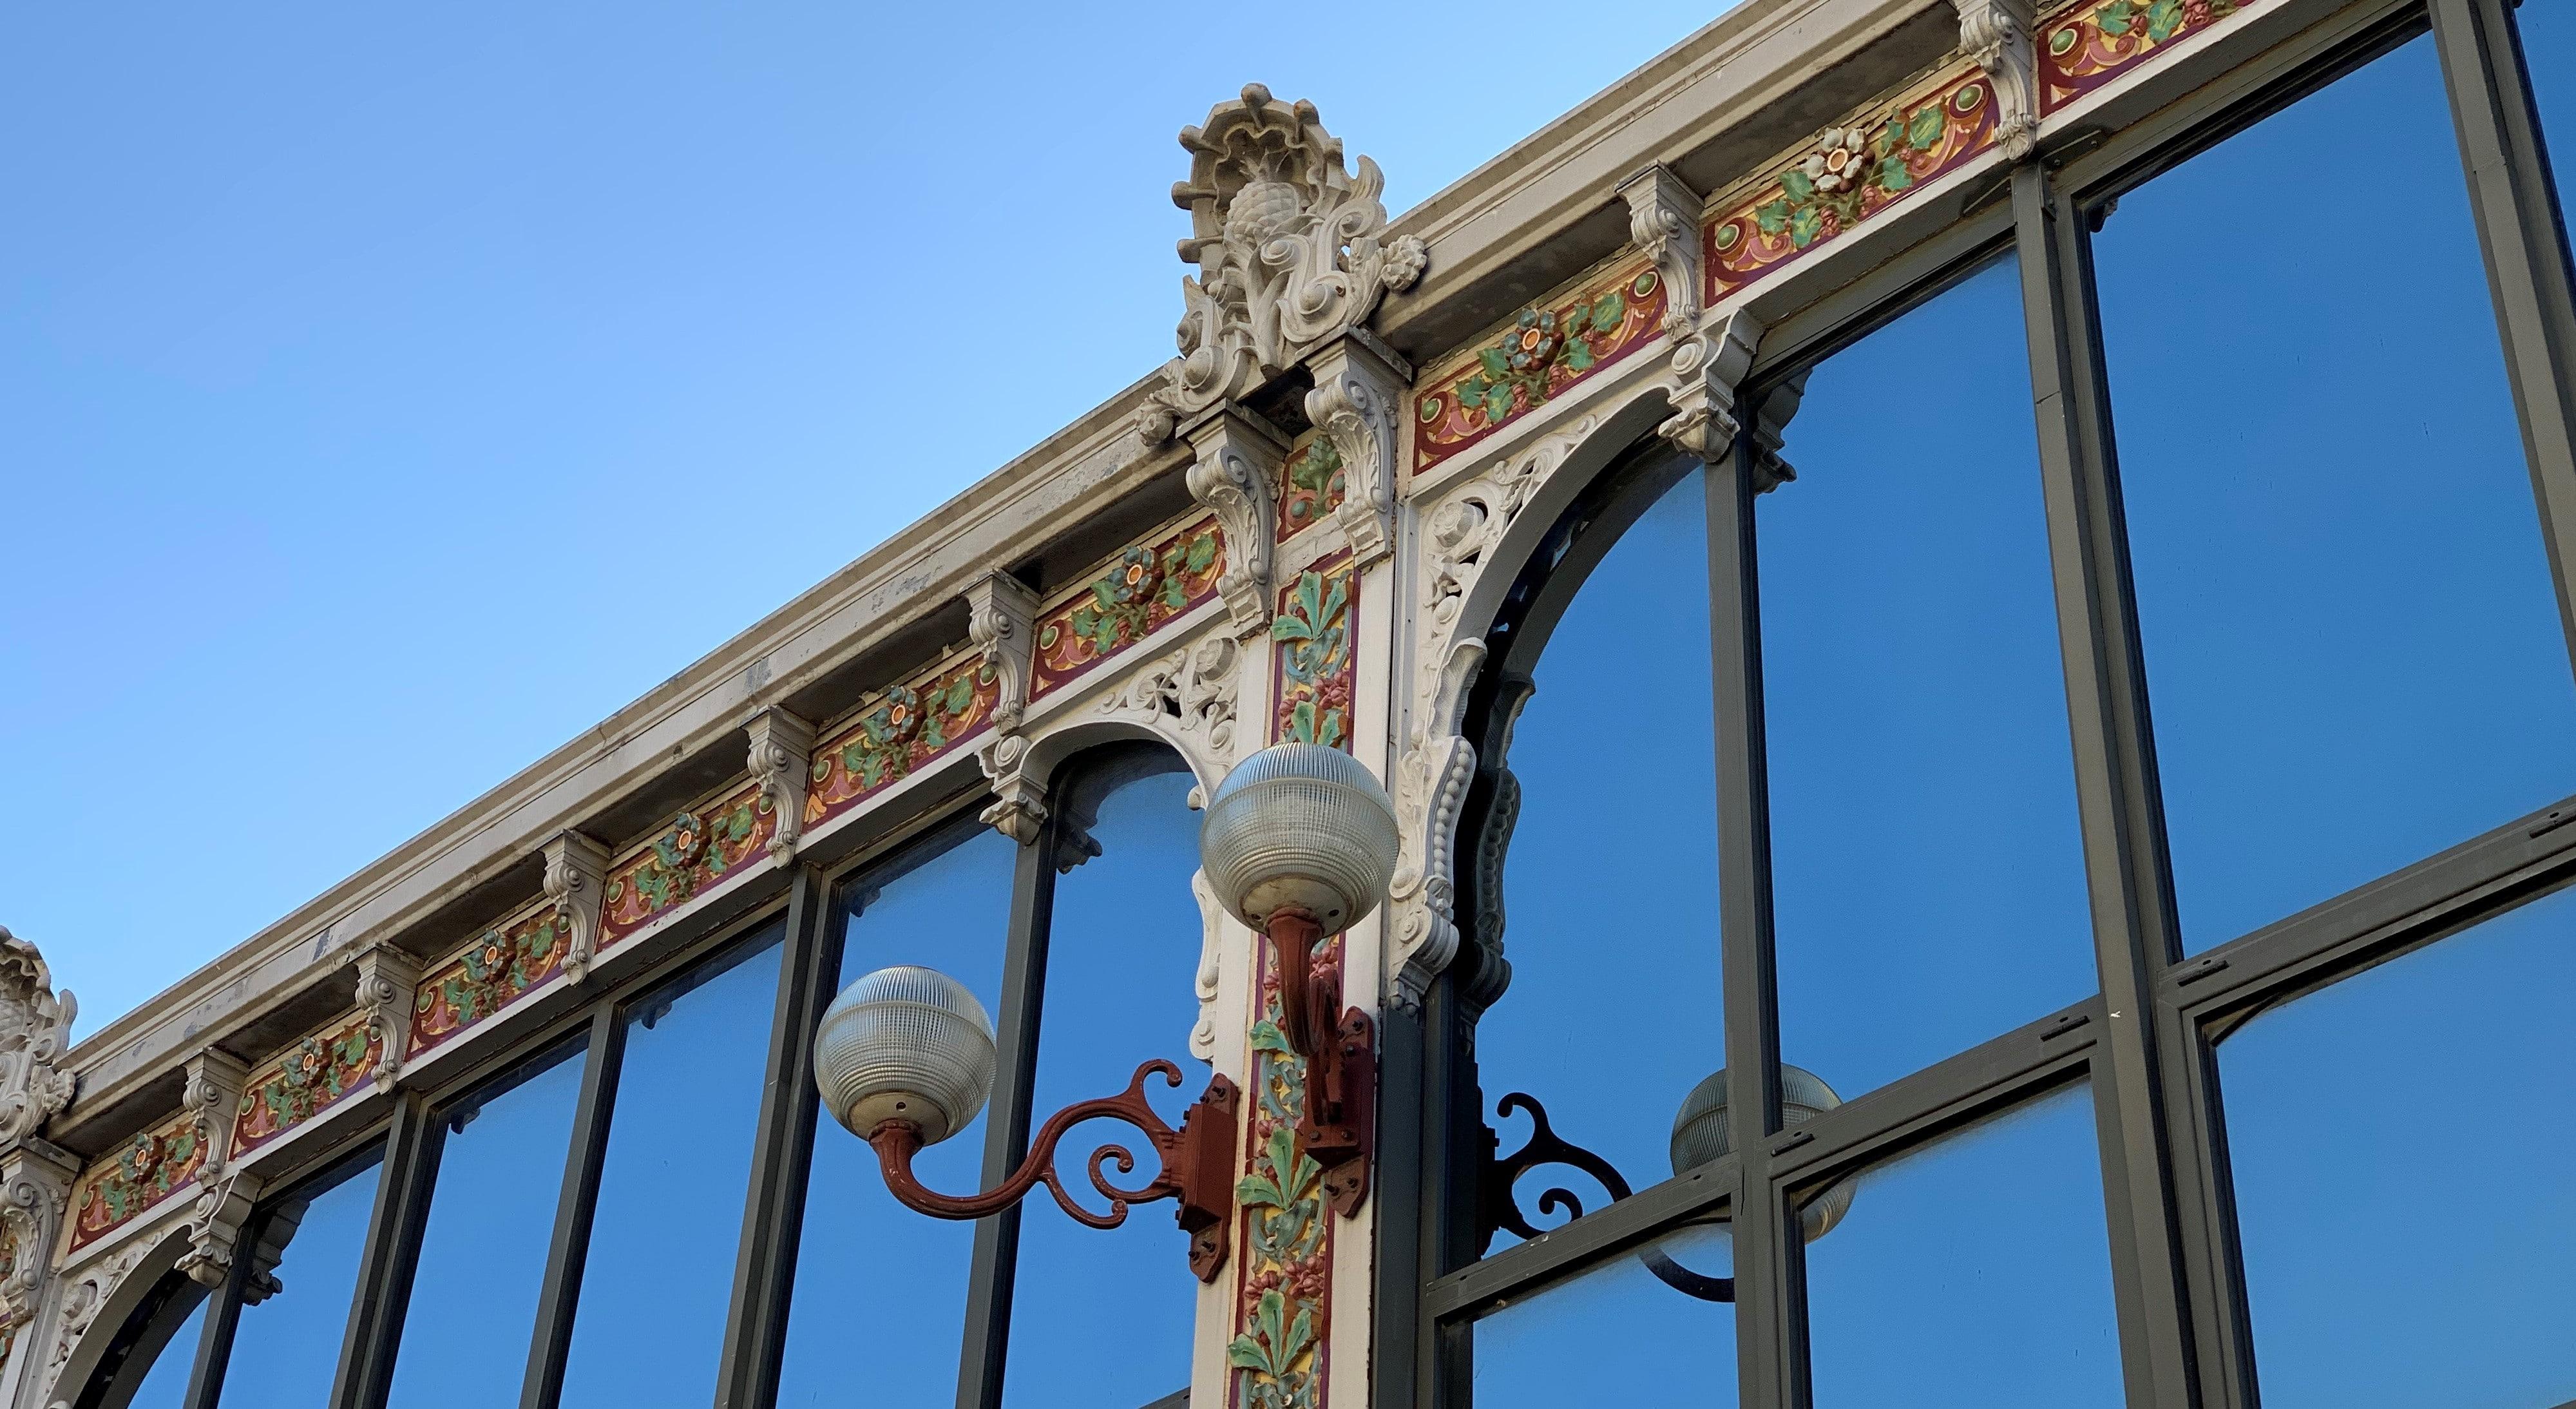 détails de l'architecture des halles